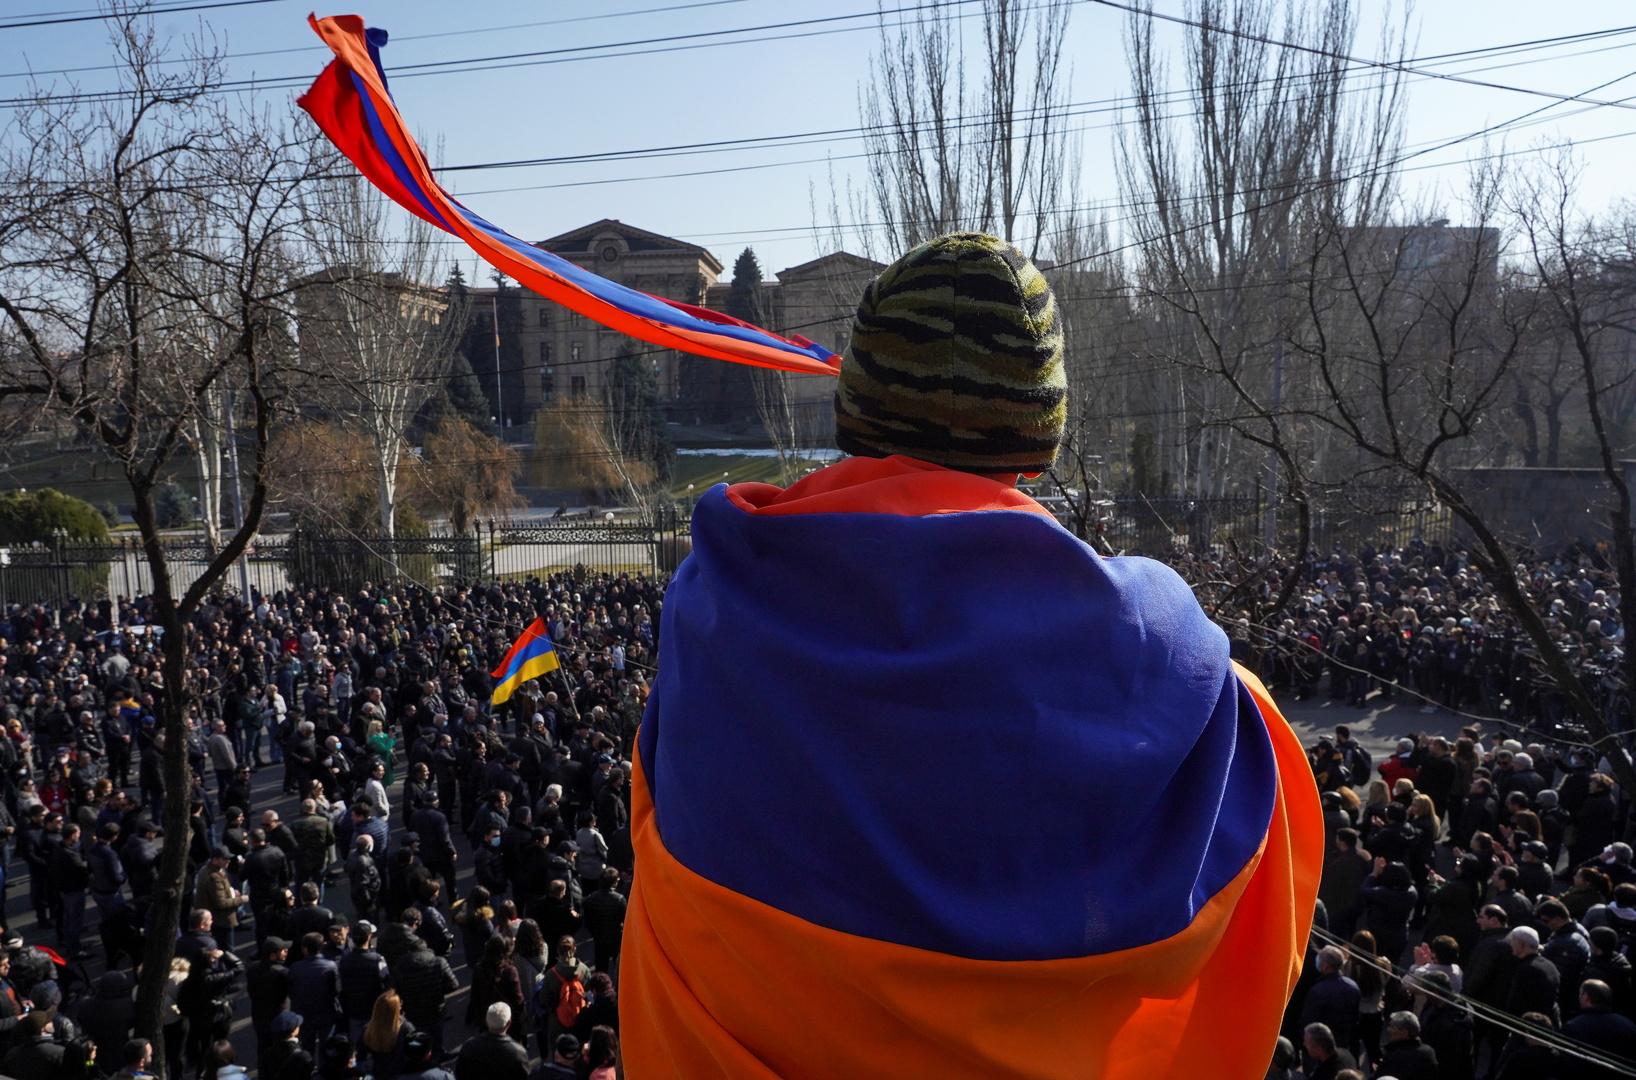 الرئيس الأرميني يطعن على قرار رئيس الوزراء باشينيان بإعفاء رئيس الأركان